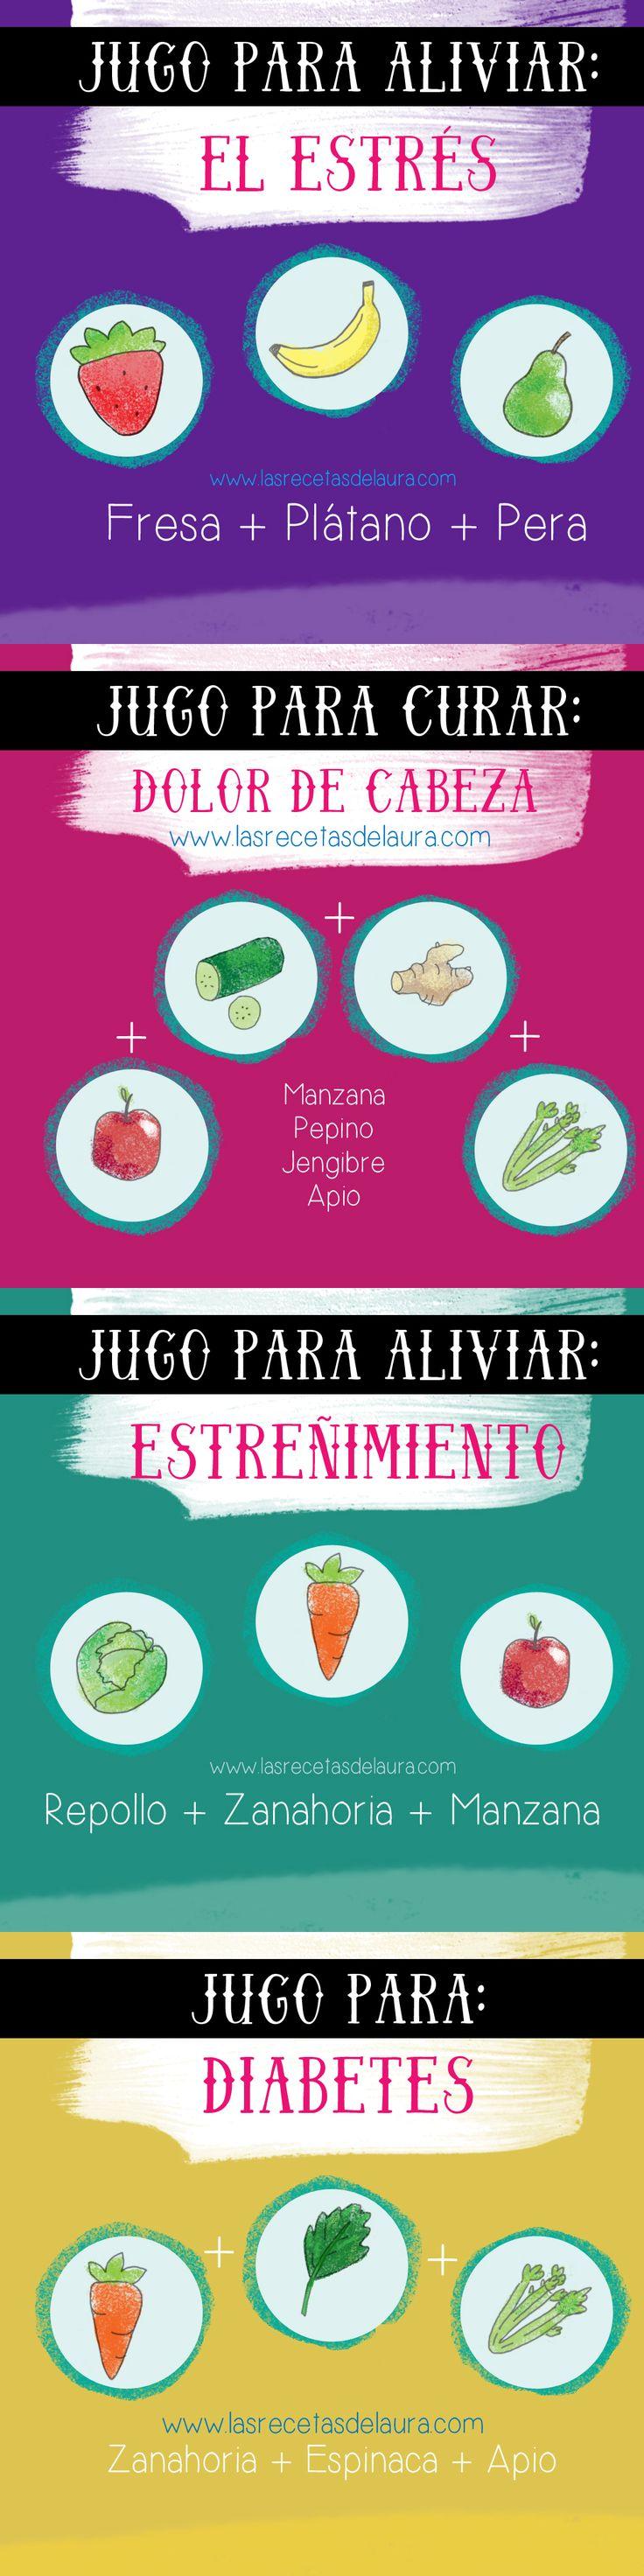 Remedio natural: jugos saludables para curar diferentes enfermedades o problemas, jugos naturales fáciles